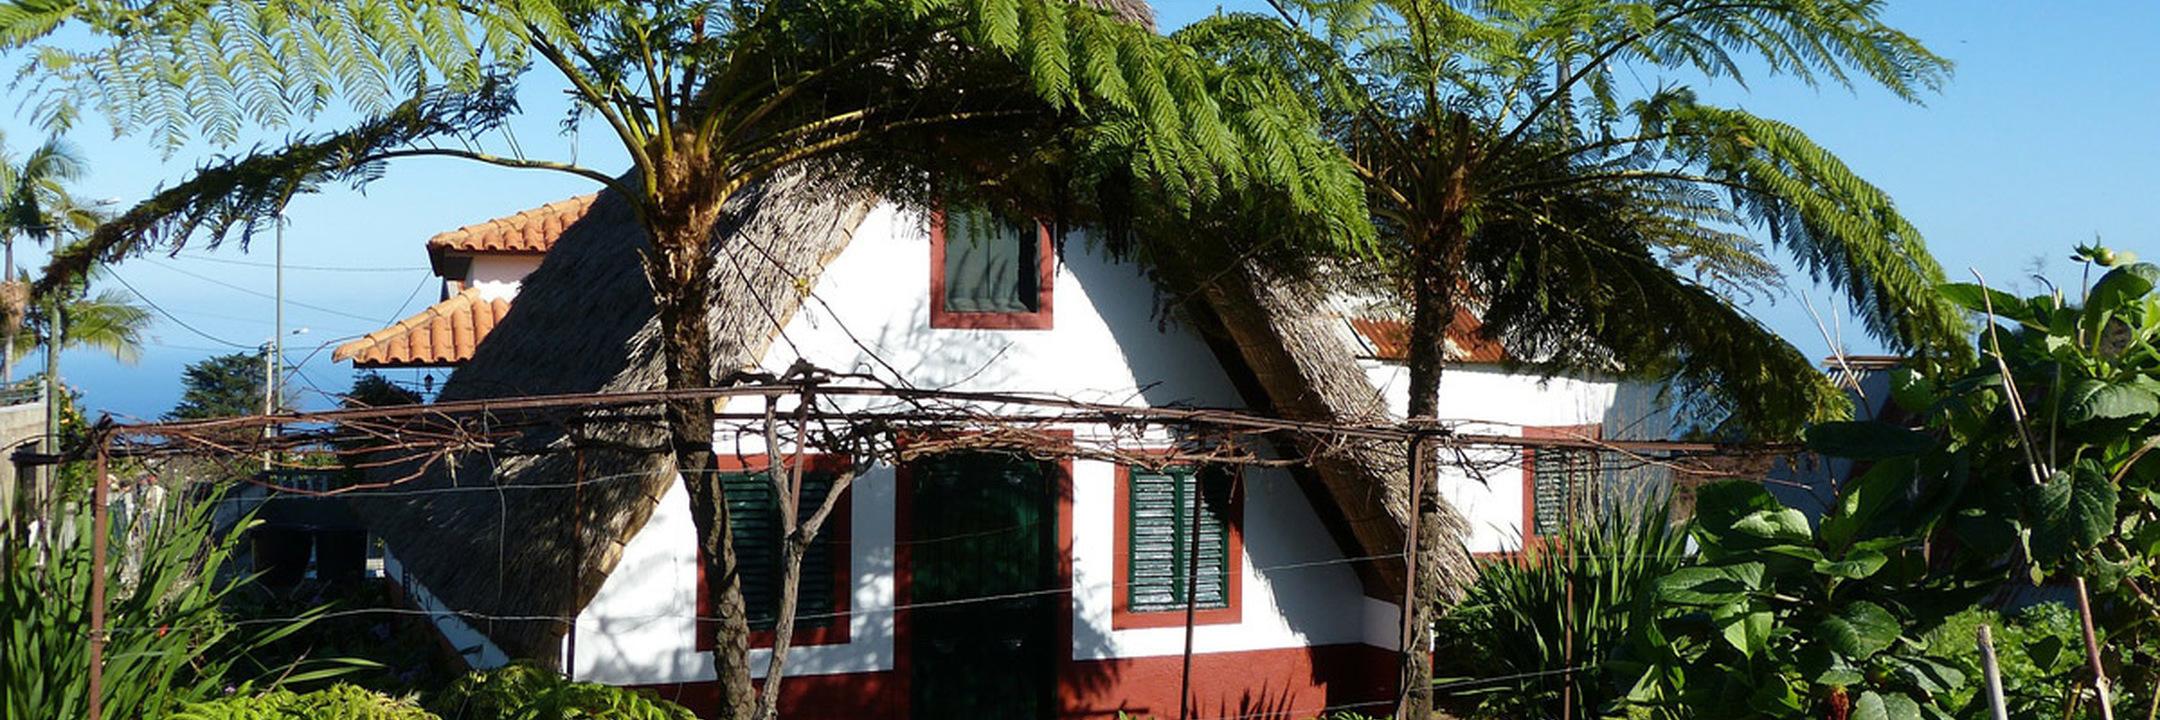 Madeira: uma ilha adorada por todos os visitantes